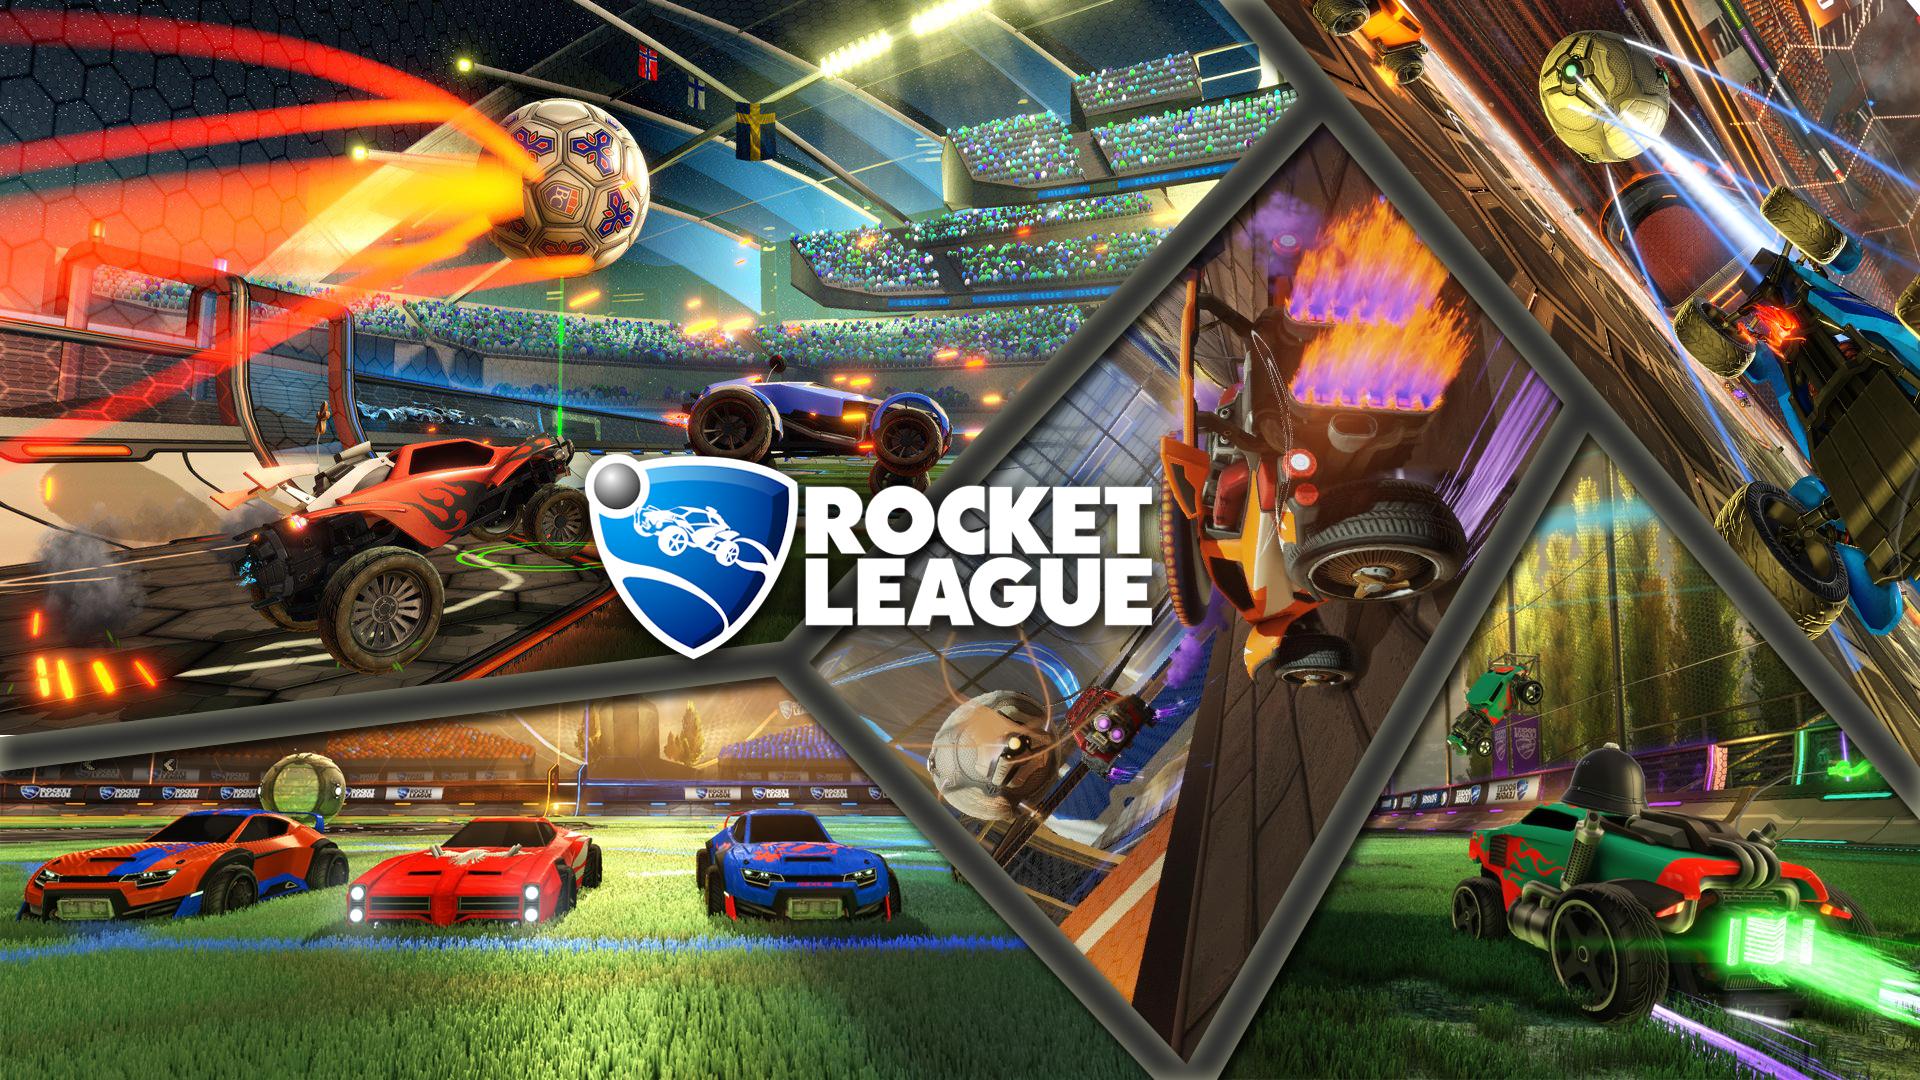 rocket_league_wallpaper_by_omgdrdeagle-da5h7tf.jpg